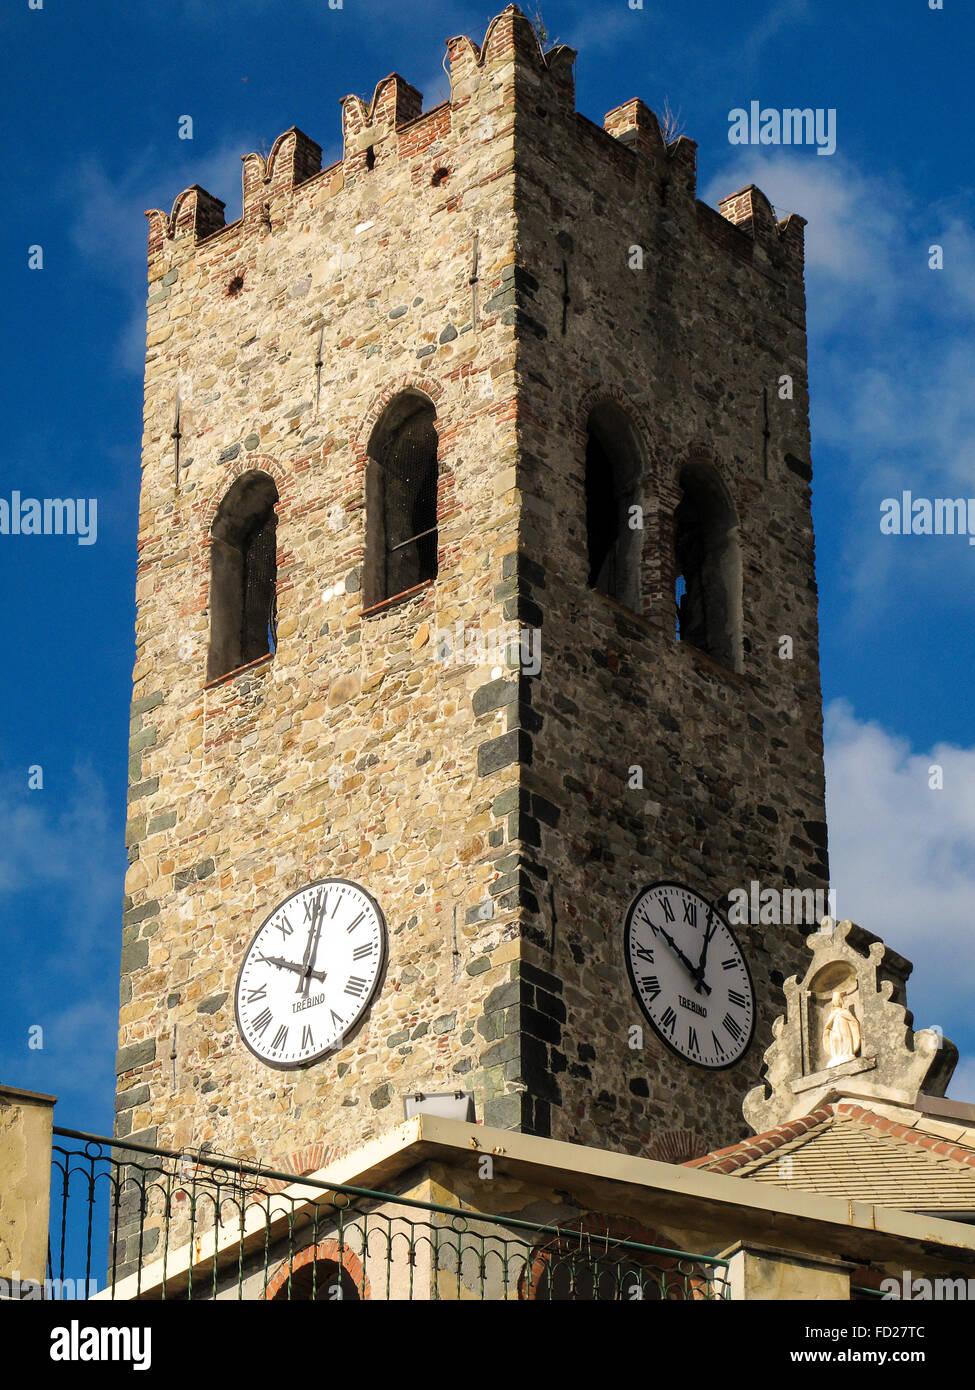 Italia Liguria Cinque Terre Monterosso campanile della chiesa parrocchiale di San Giovanni Battista, antica torre di guardie di Genova Foto Stock